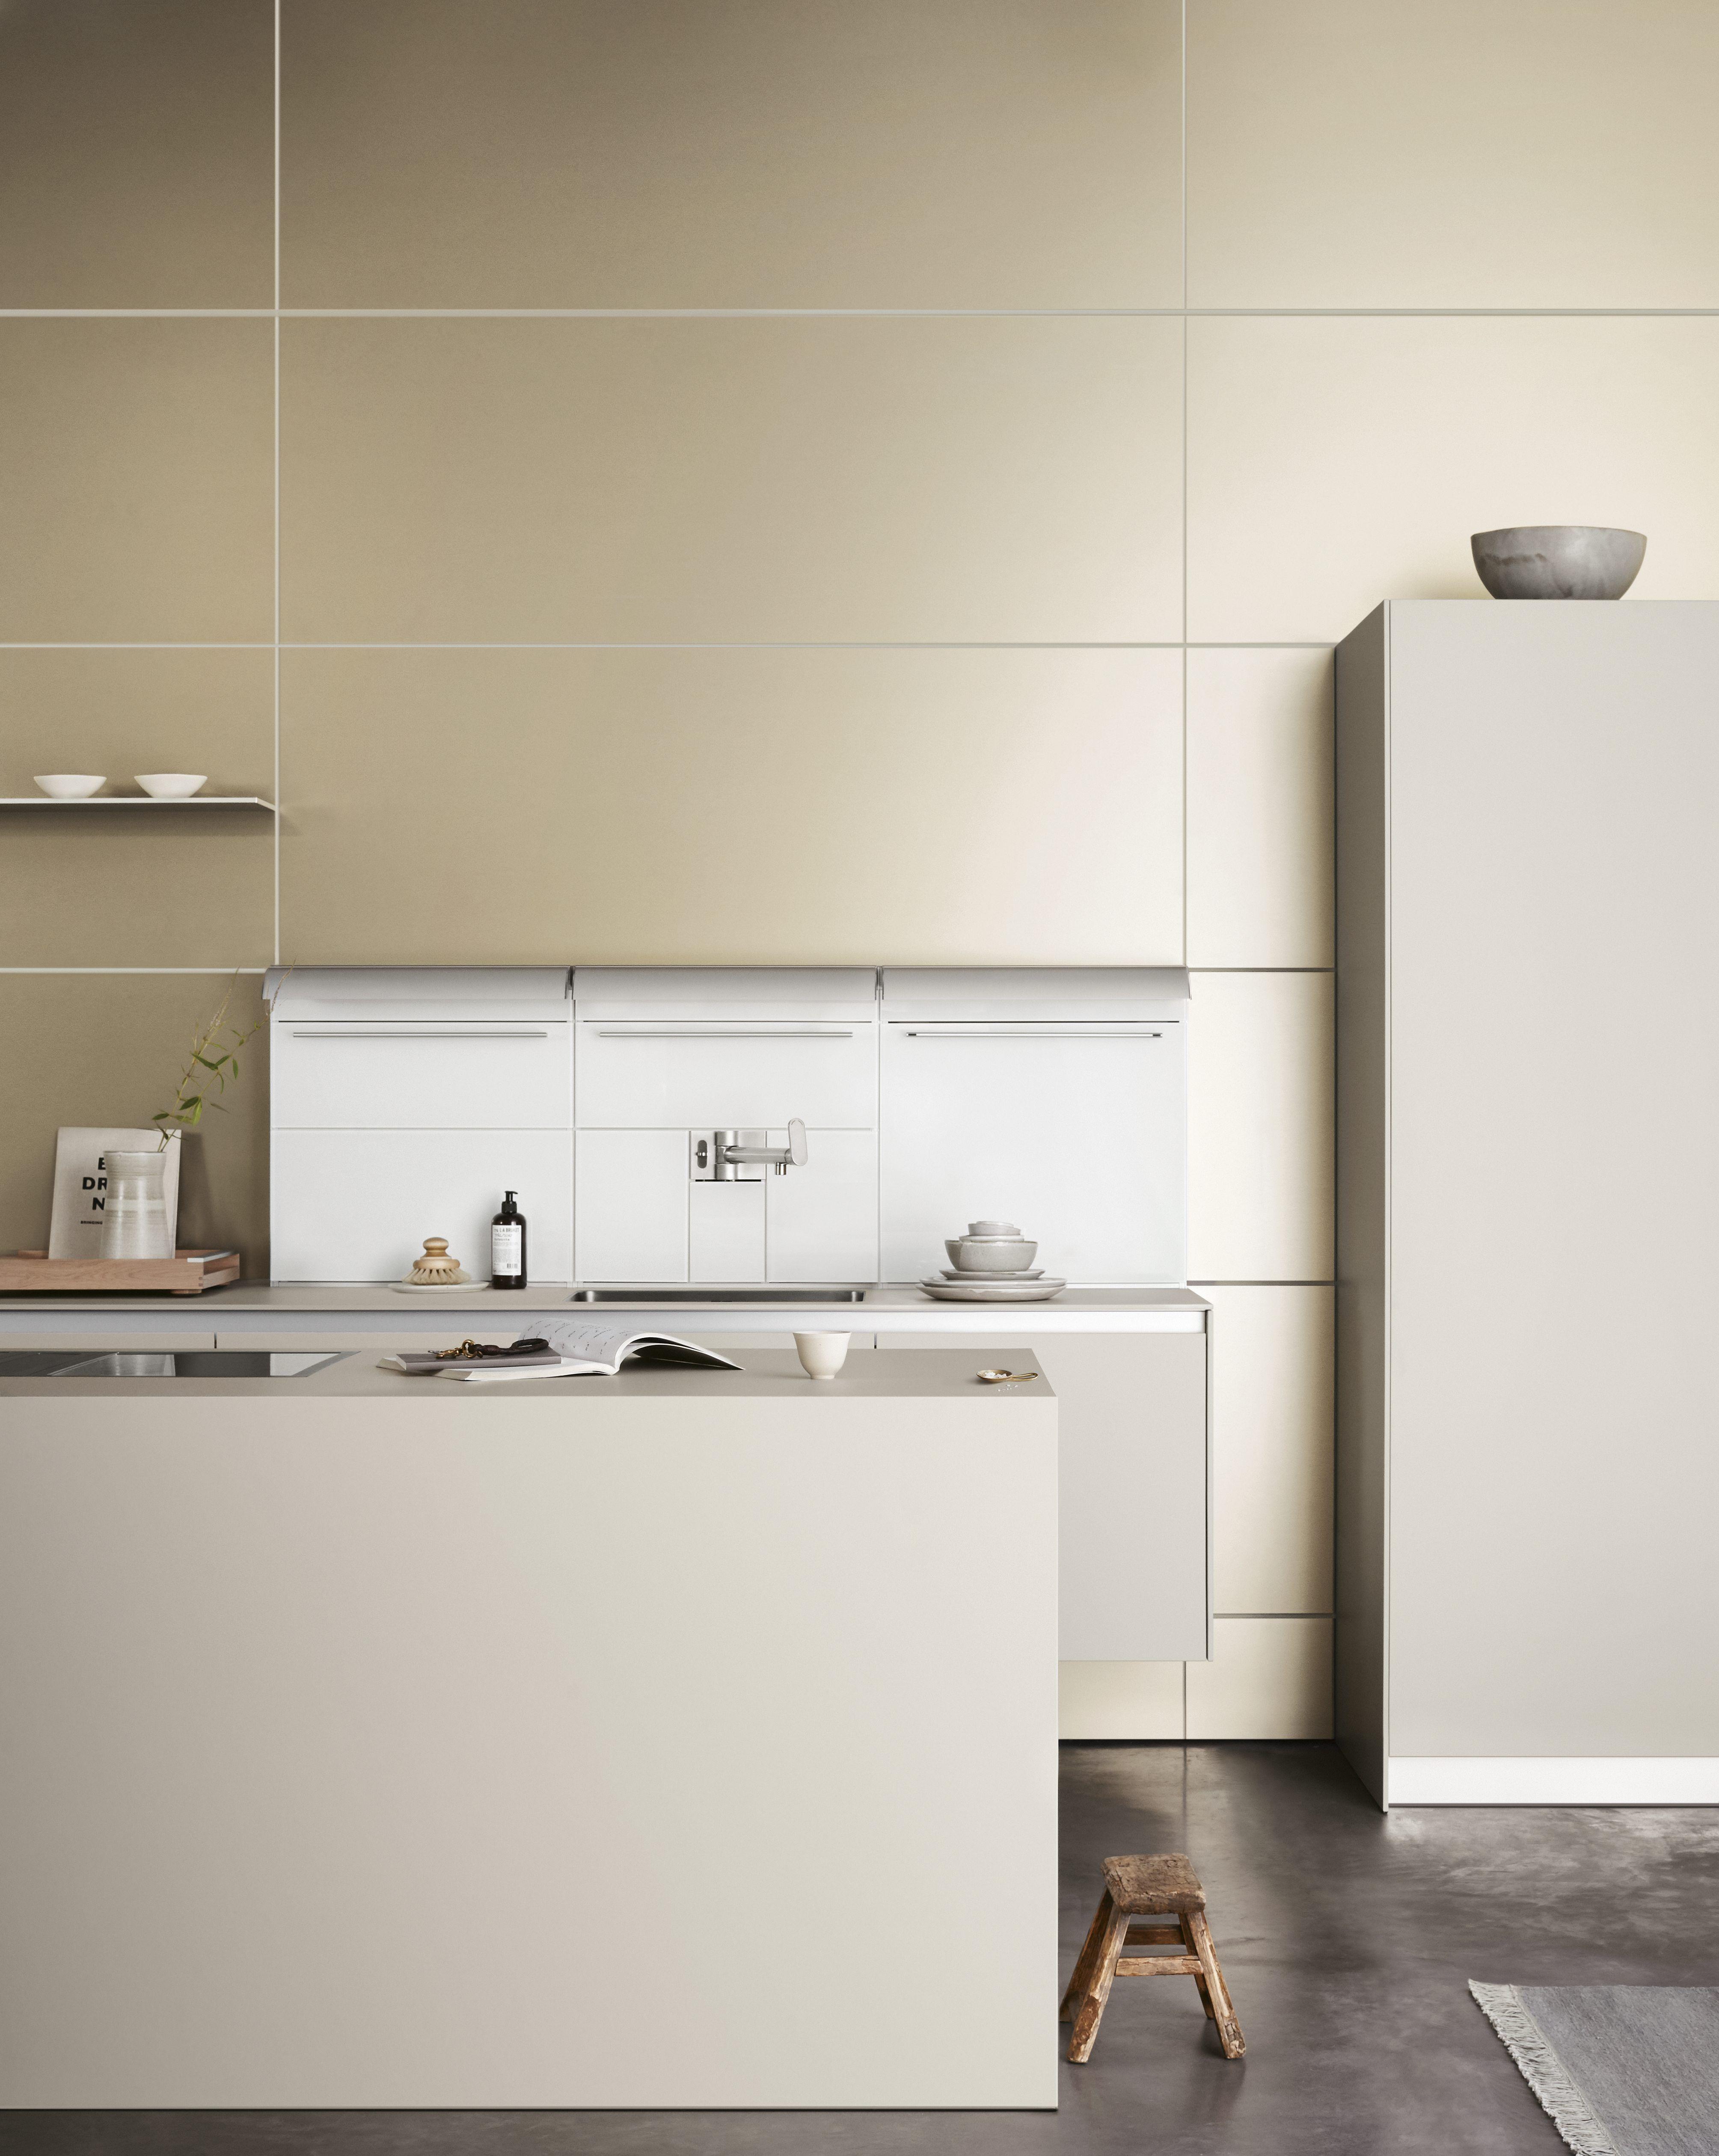 Eine Weiße Kücheninsel Ist Ein Traum Bilder Und Ideen Für